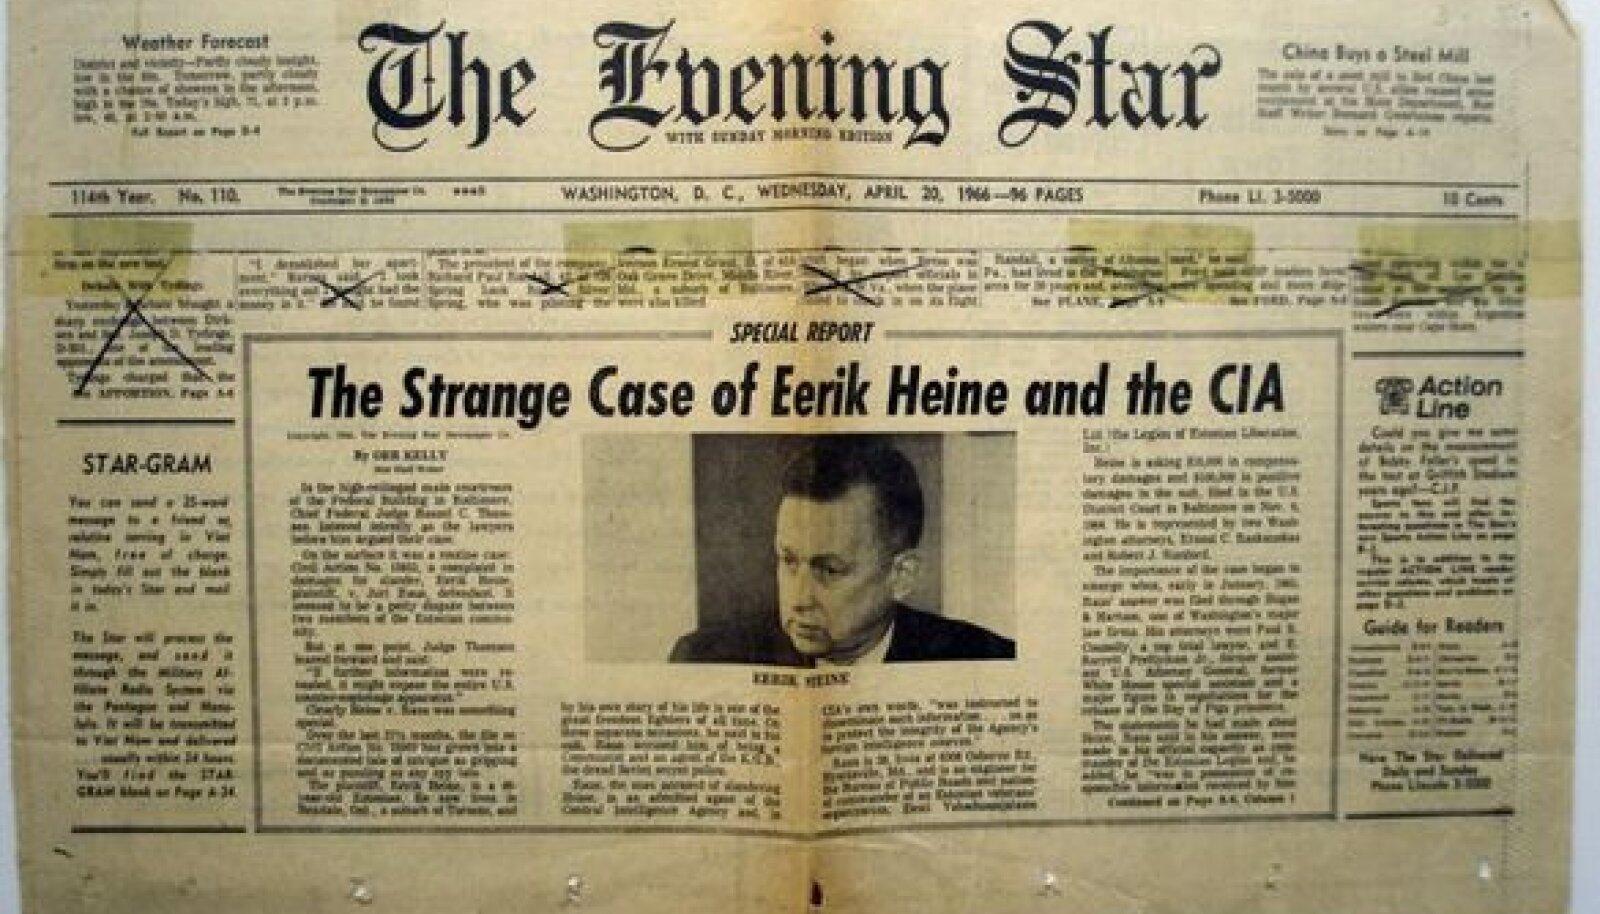 ESIKÜLJE UUDIS: Eerik Heine ja CIA kohtuprotsess äratas USAs 1960ndatel suurt tähelepanu. Ajaleheväljalõige Eesti New Yorgi peakonsulaadi fondist riigiarhiivis.